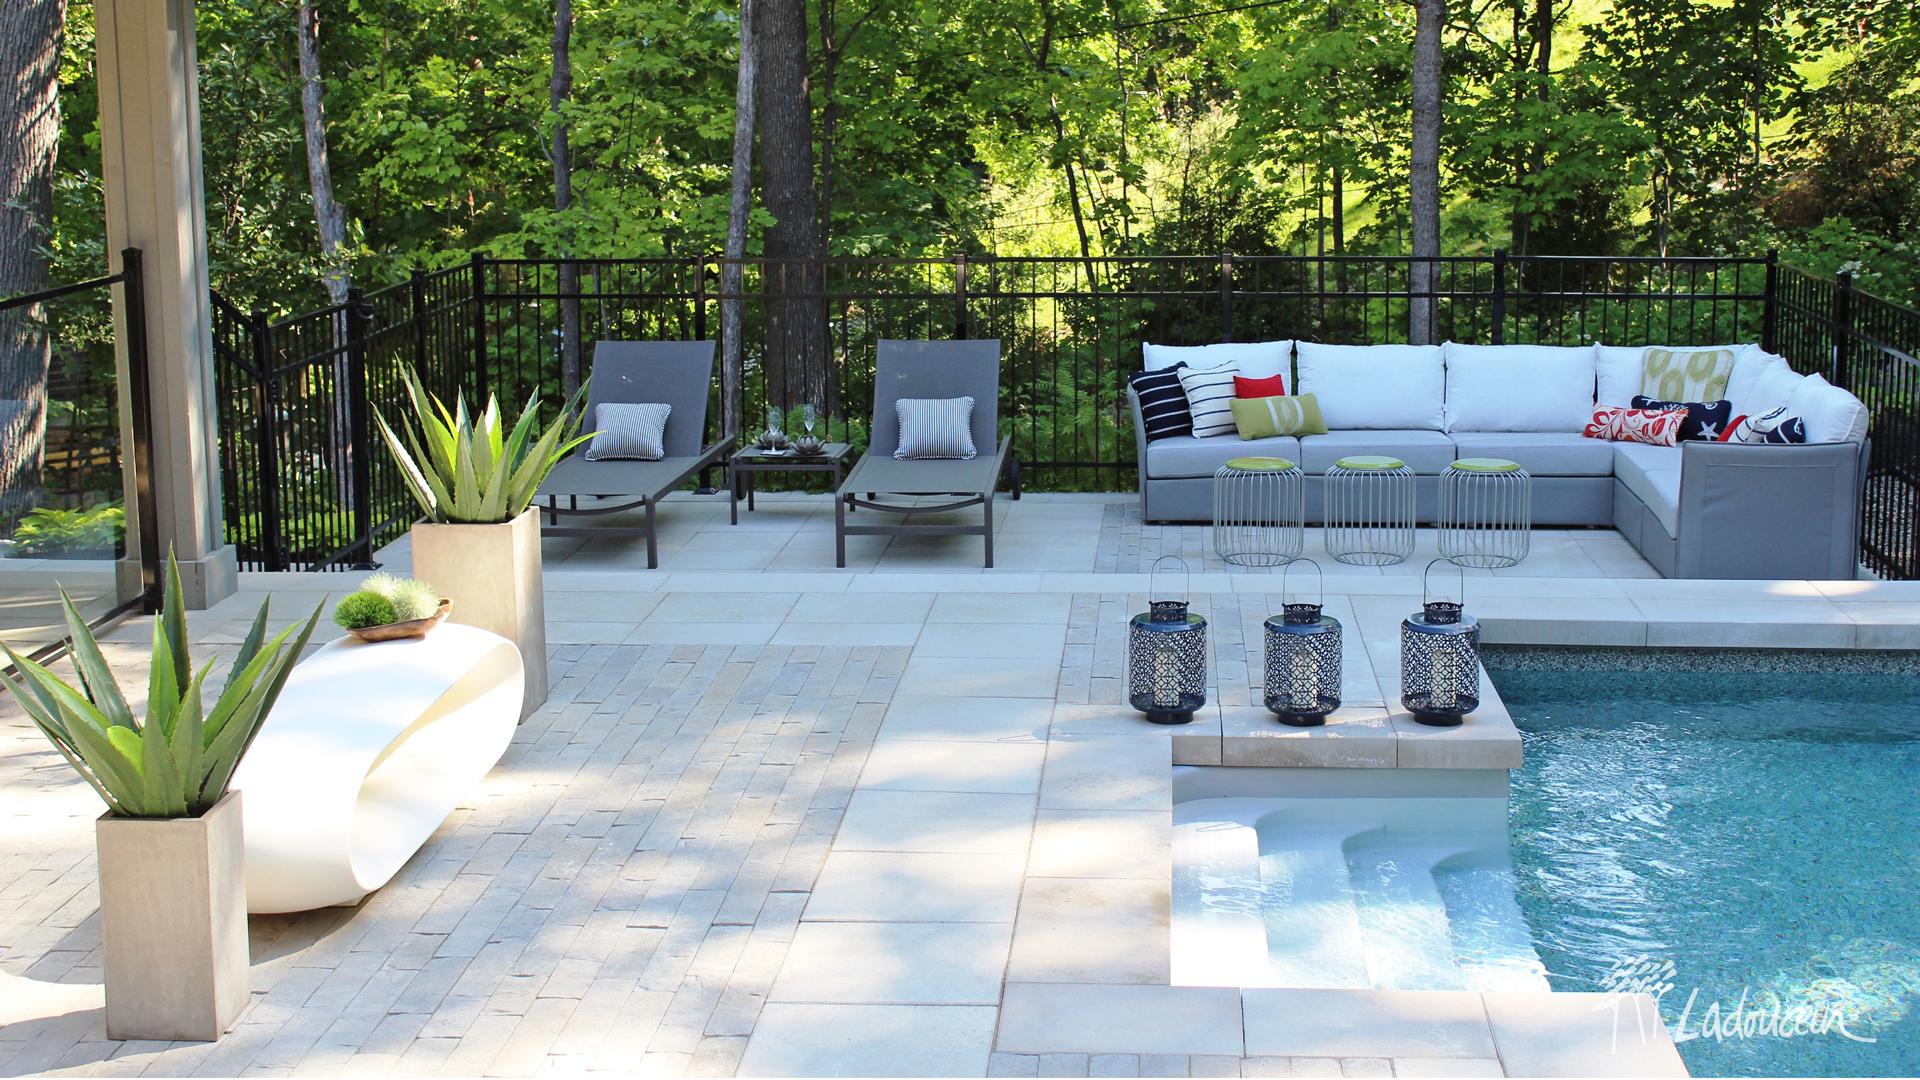 Lounge au bord de la piscine, aménagement, pavé et béton, design extérieur Ladouceur paysagiste